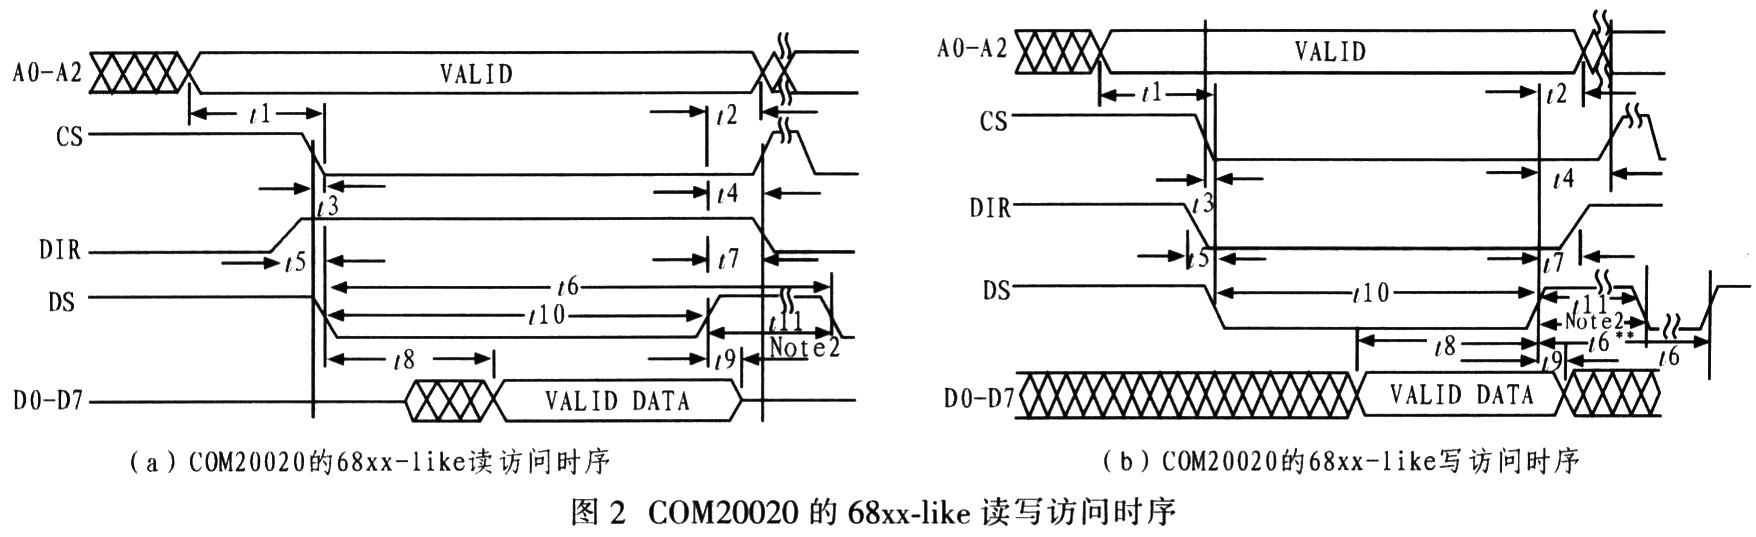 读写时序的共同要求为:片选信号CS必须先于DS至少5 ns,并且只允许在DS无效之后CS才能恢复为高电平;读写方向信号DIR应在DS有效前至少10 ns建立;DS高电平宽度不小于20 ns。两者的不同要求:写时序的地址总线先于操作脉冲DS至少15 ns建立,DS低电平不小于20 ns,数据总线有效数据必须在DS变高之前至少30 ns建立,保持至DS变高后至少10 ns;而读时序的地址总线先于片选信号至少15 ns建立,DS低电平不小于60 ns,DS变低到数据总线数据有效的间隔最大为40 ns,DS